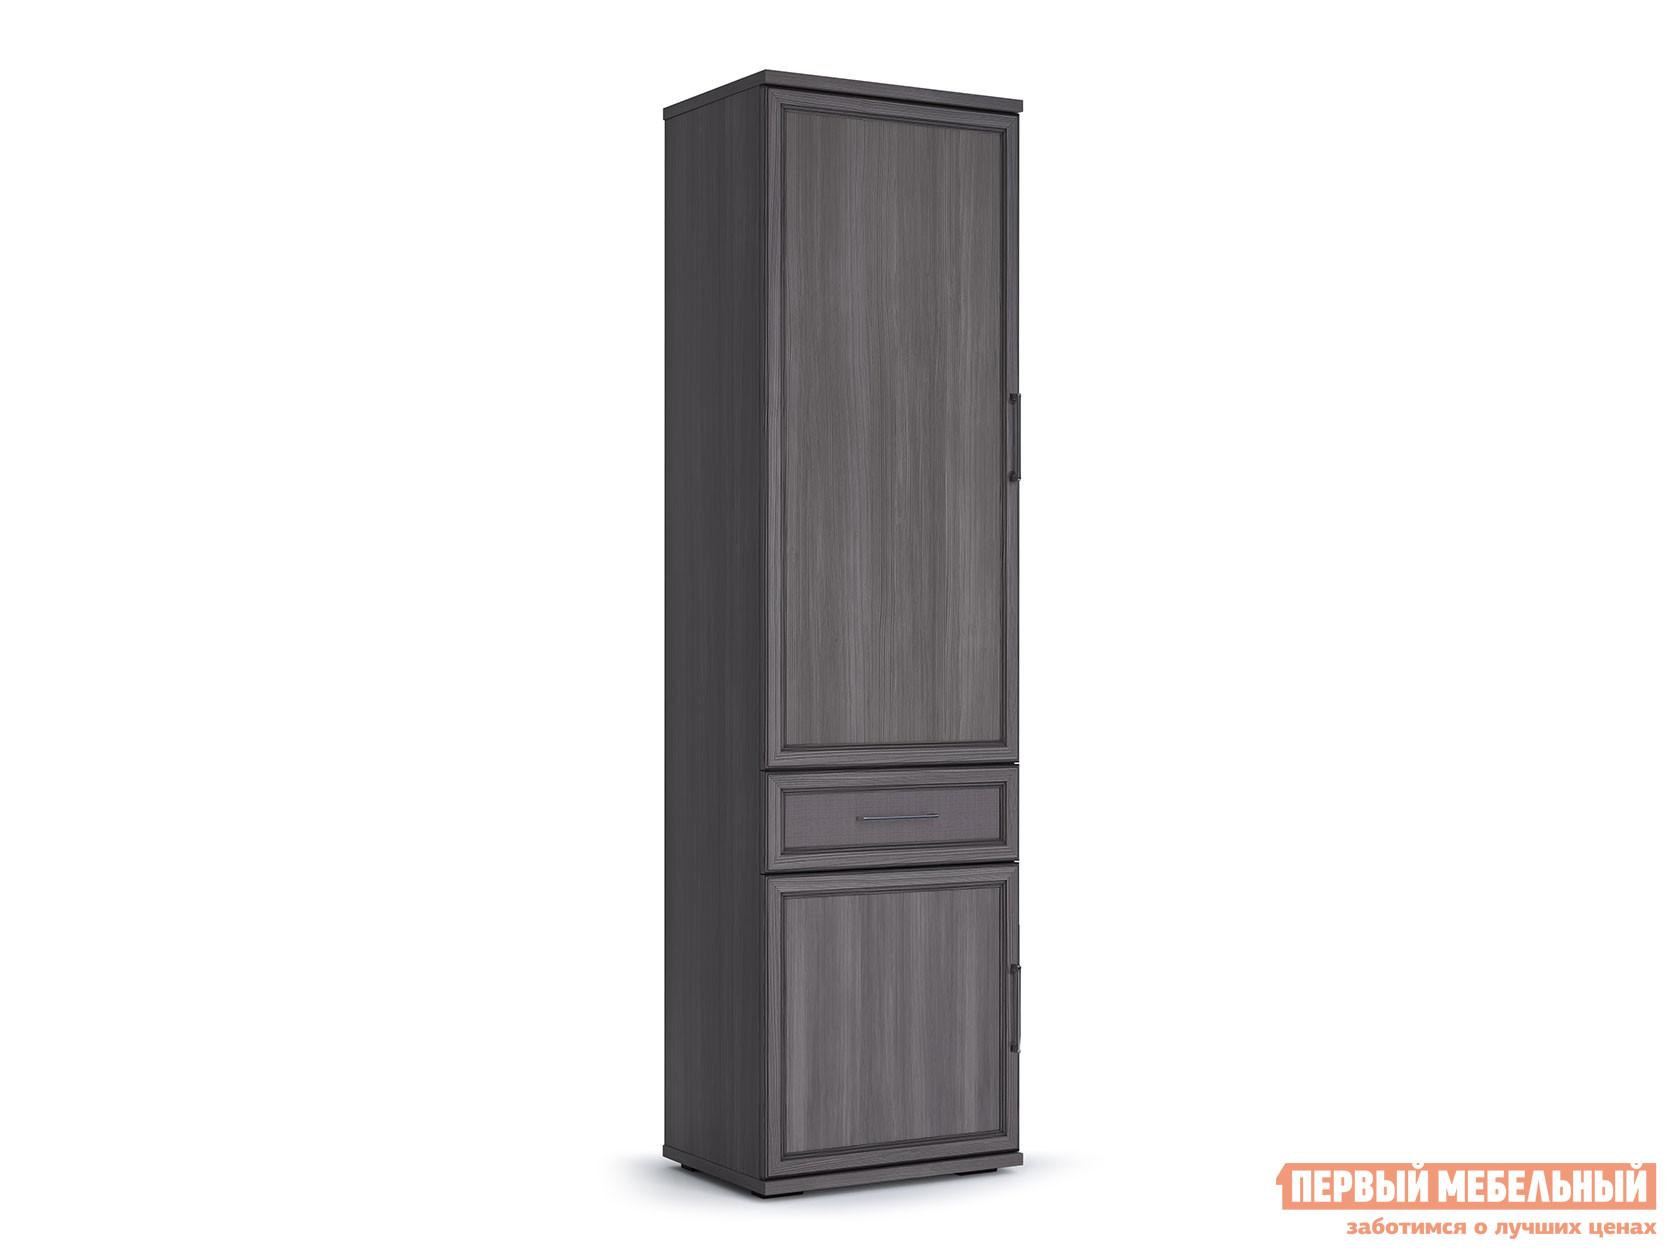 Распашной шкаф  600 Палермо Лиственница темная / Экокожа дила КУРАЖ 106871